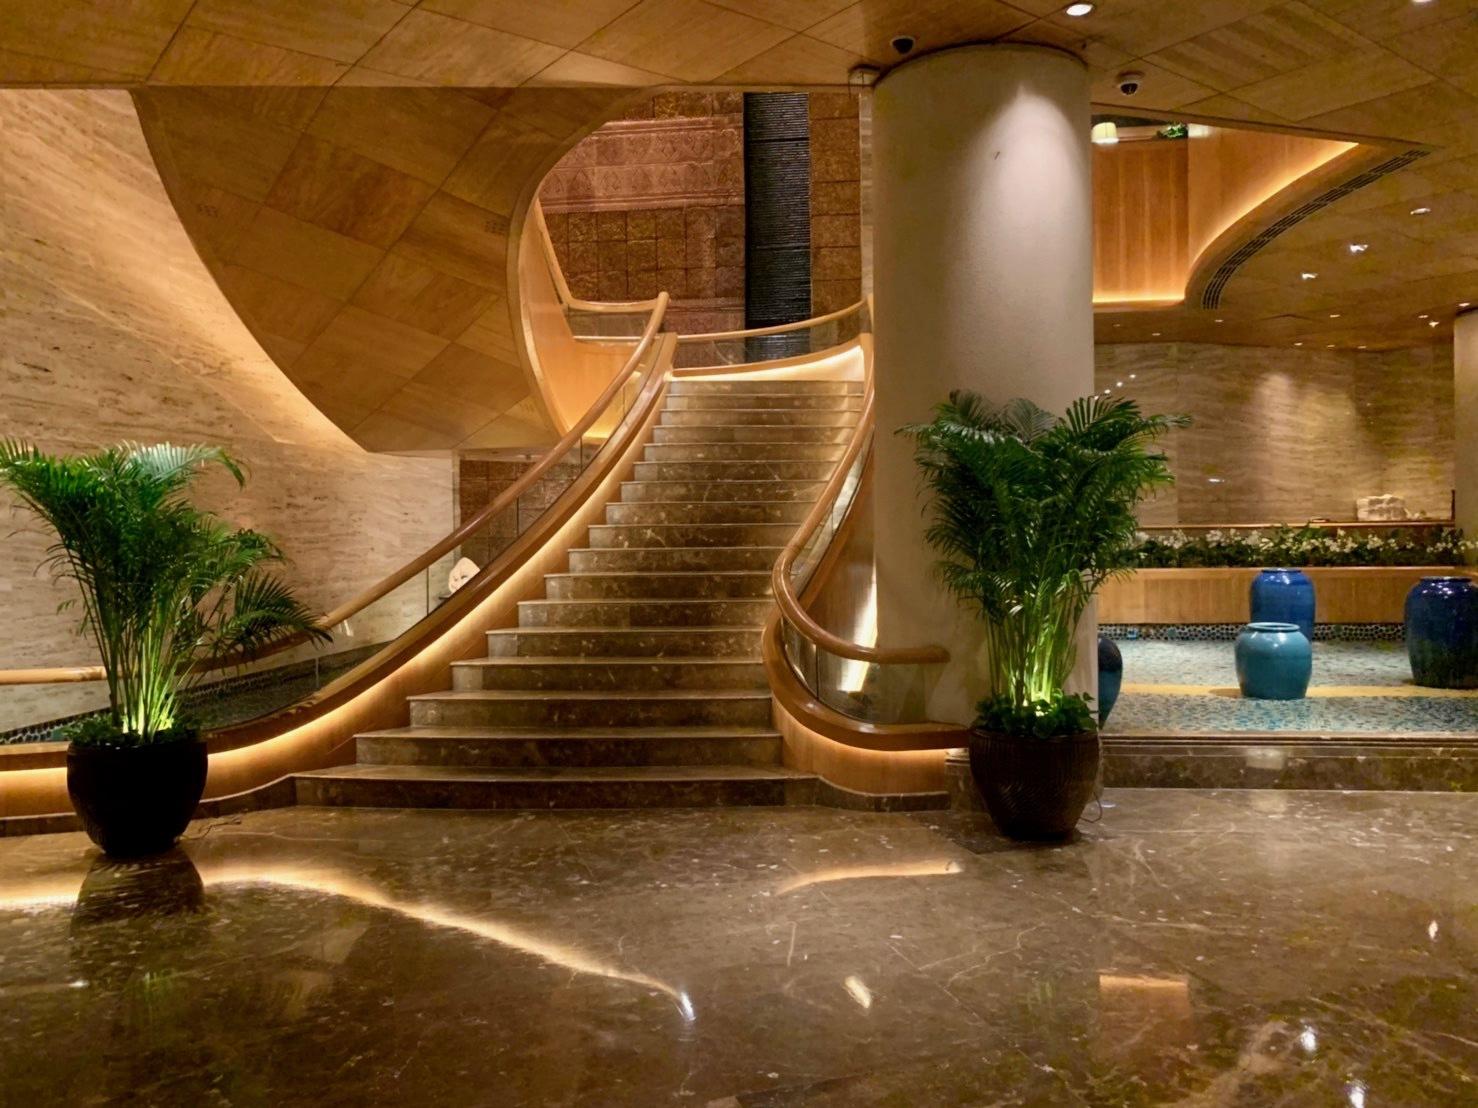 ホテルでプールを楽しむ_b0325640_21220548.jpg